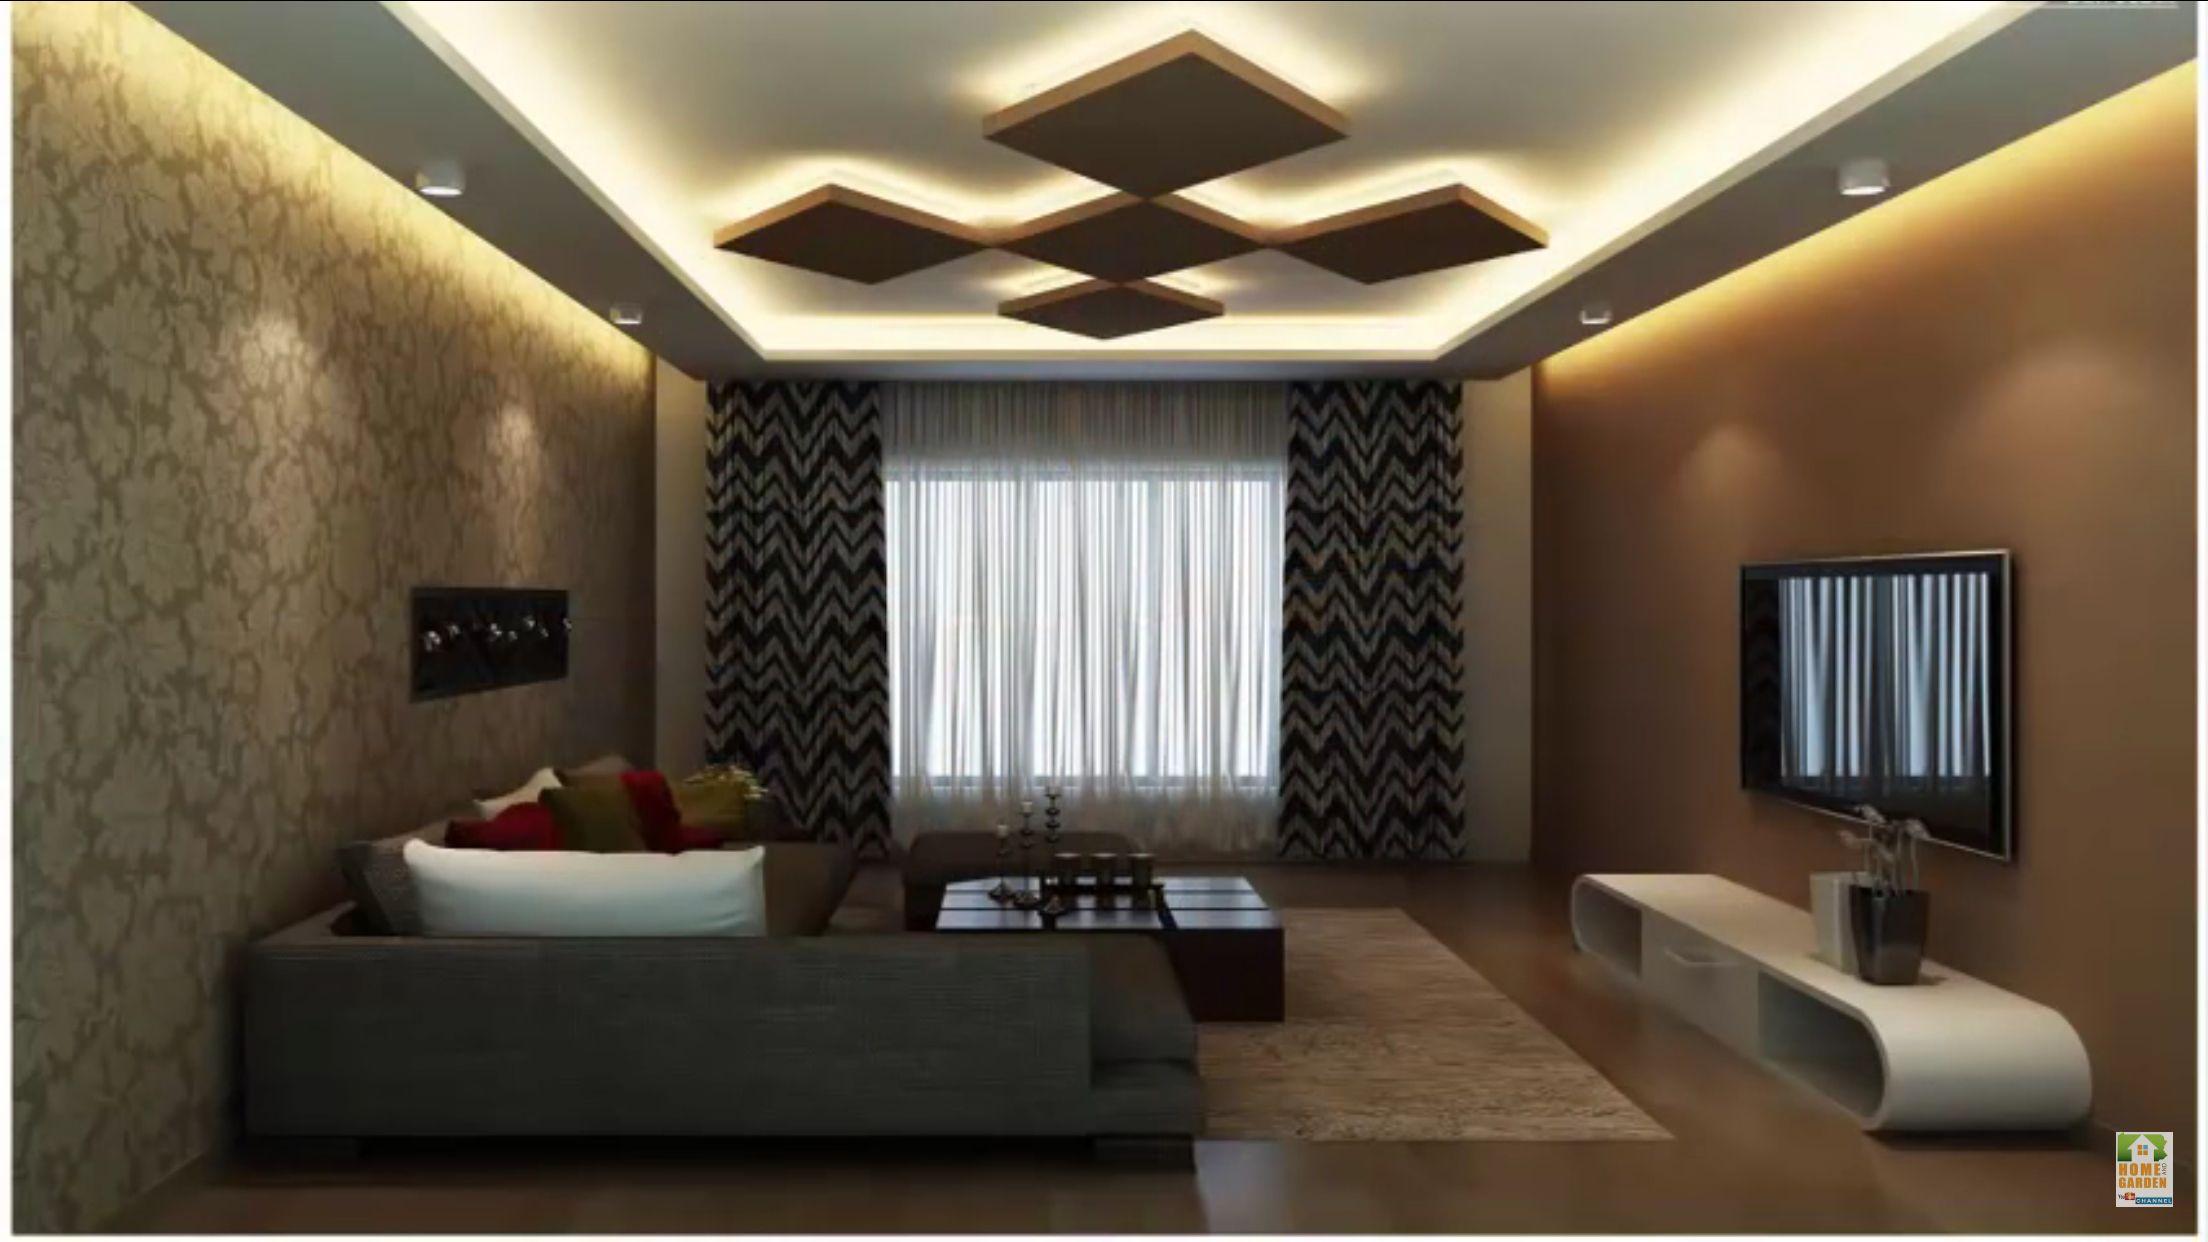 Pingl par jonah corpuz sur high ceiling ideas pinterest s jour et d co for Ceiling fans for living room india